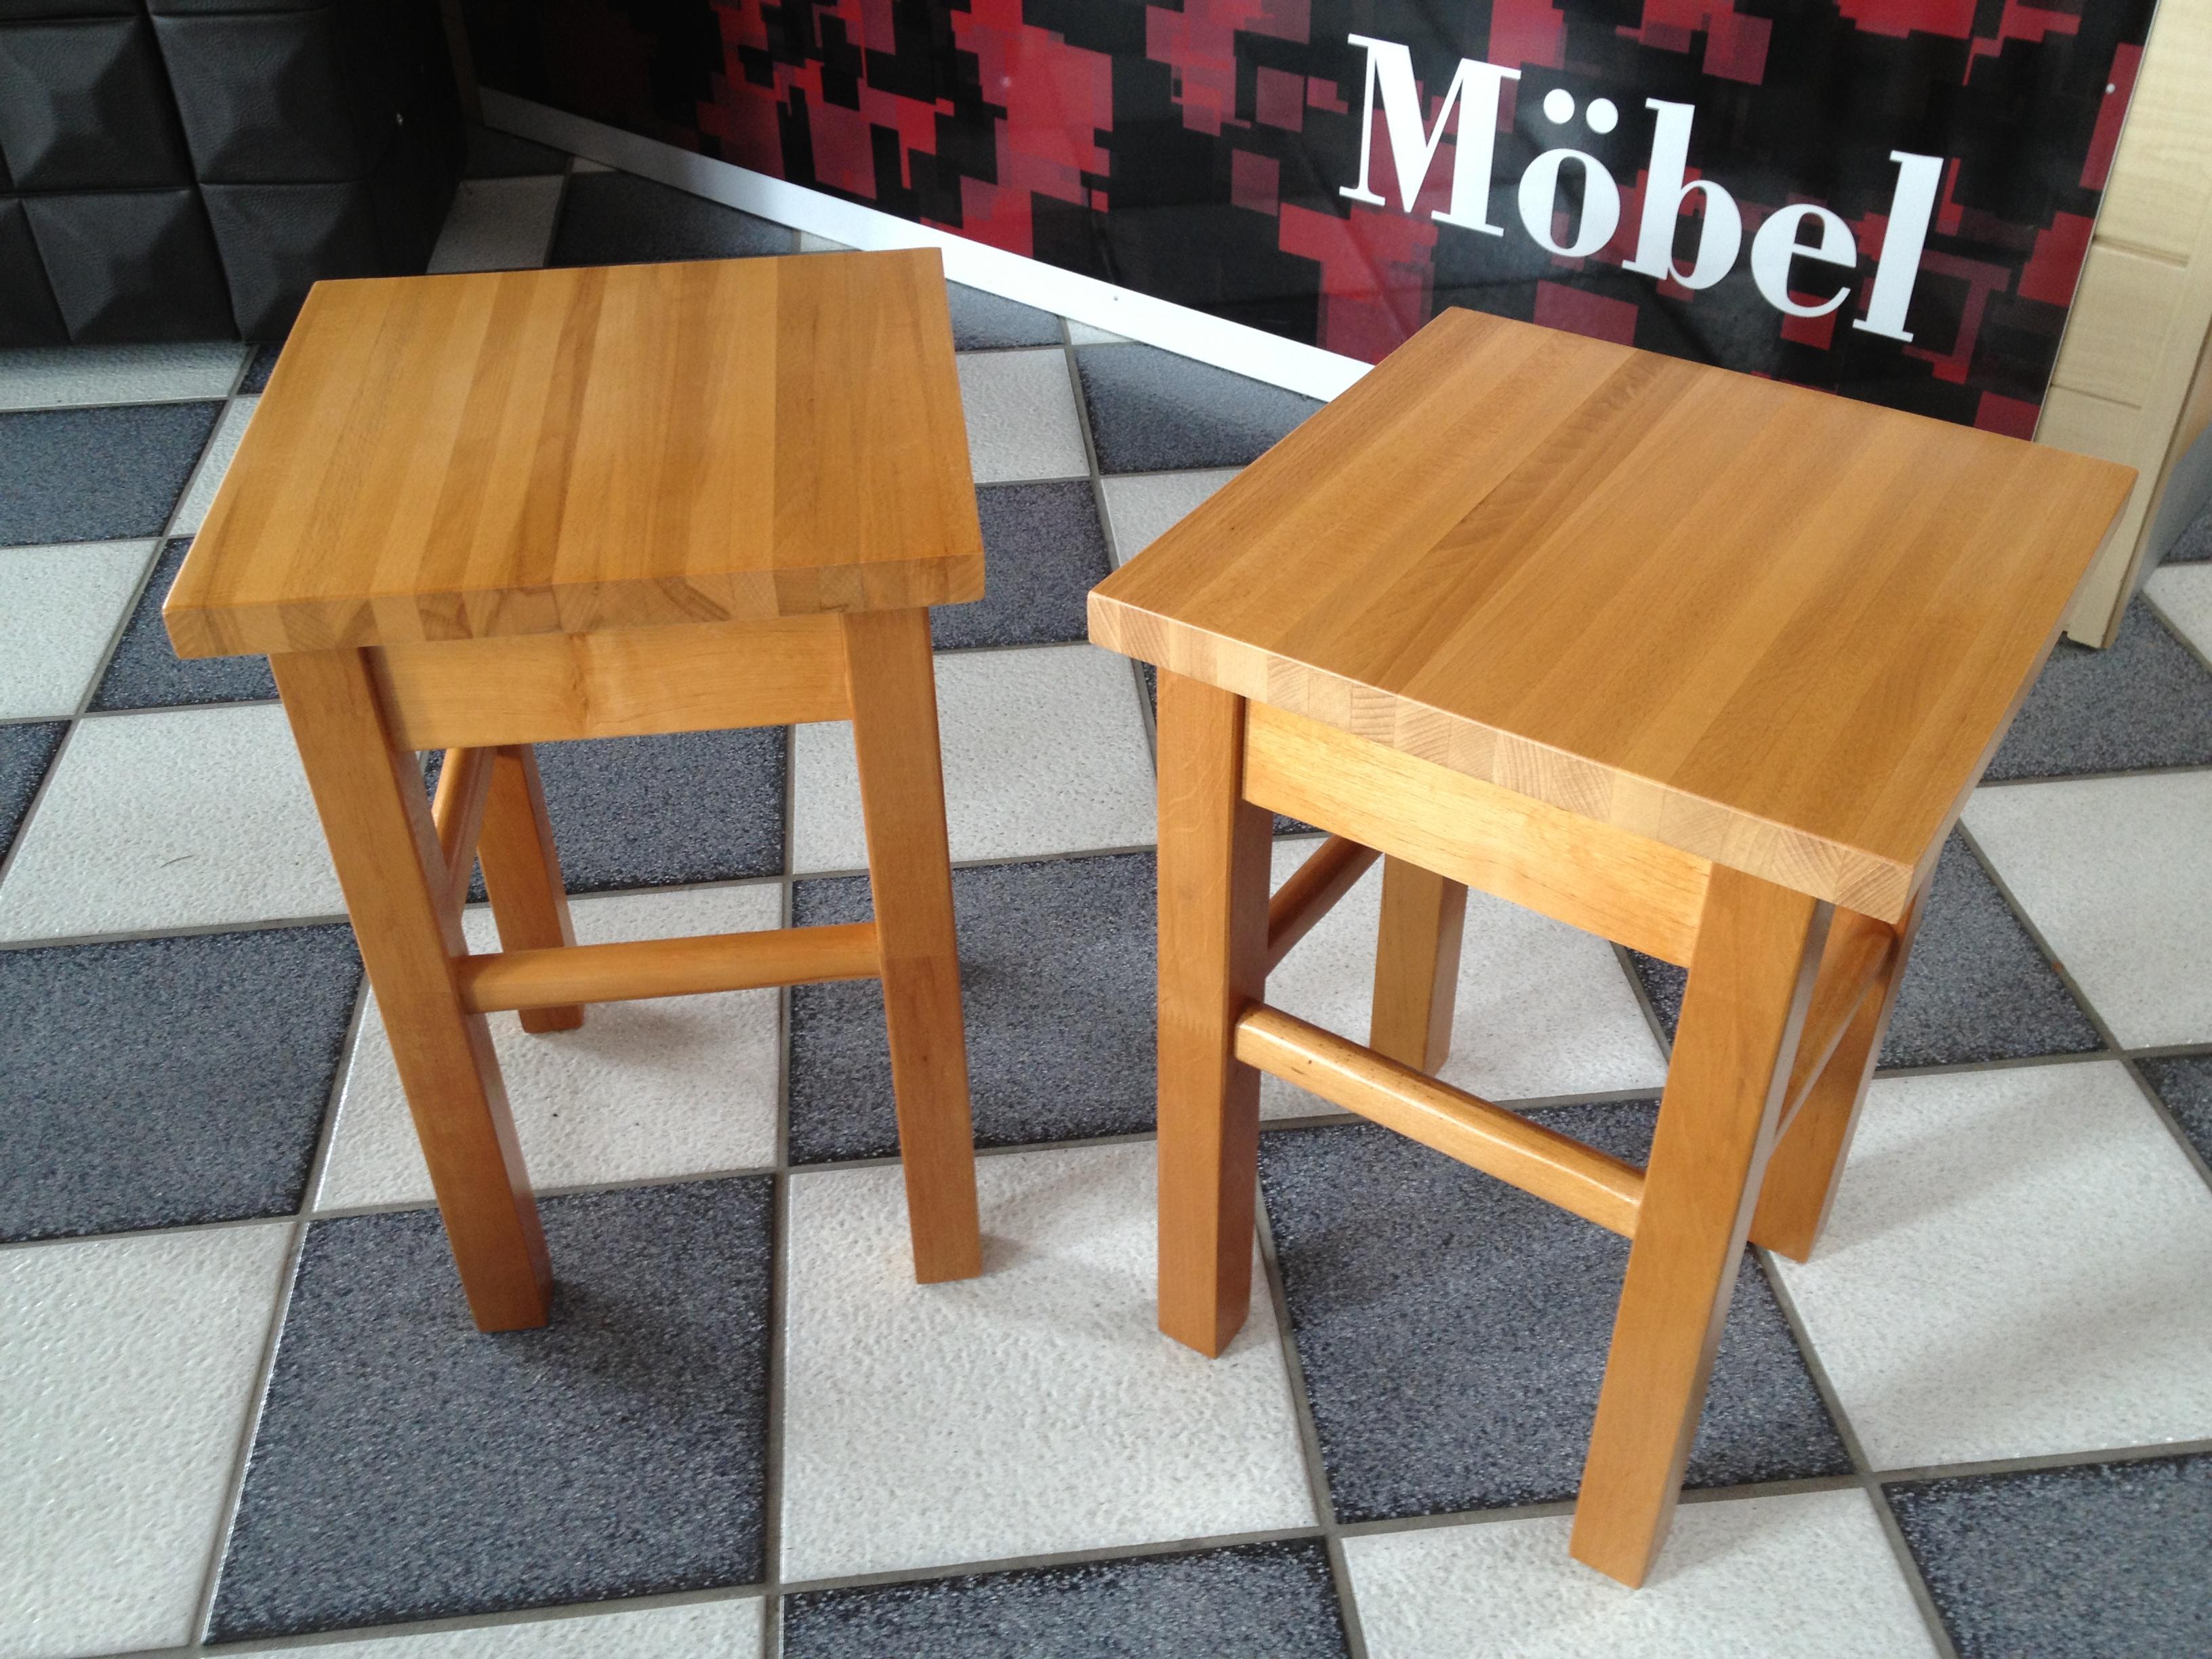 esszimmerst hle stuhlgruppen wie stuhl t 2 von jv m bel. Black Bedroom Furniture Sets. Home Design Ideas